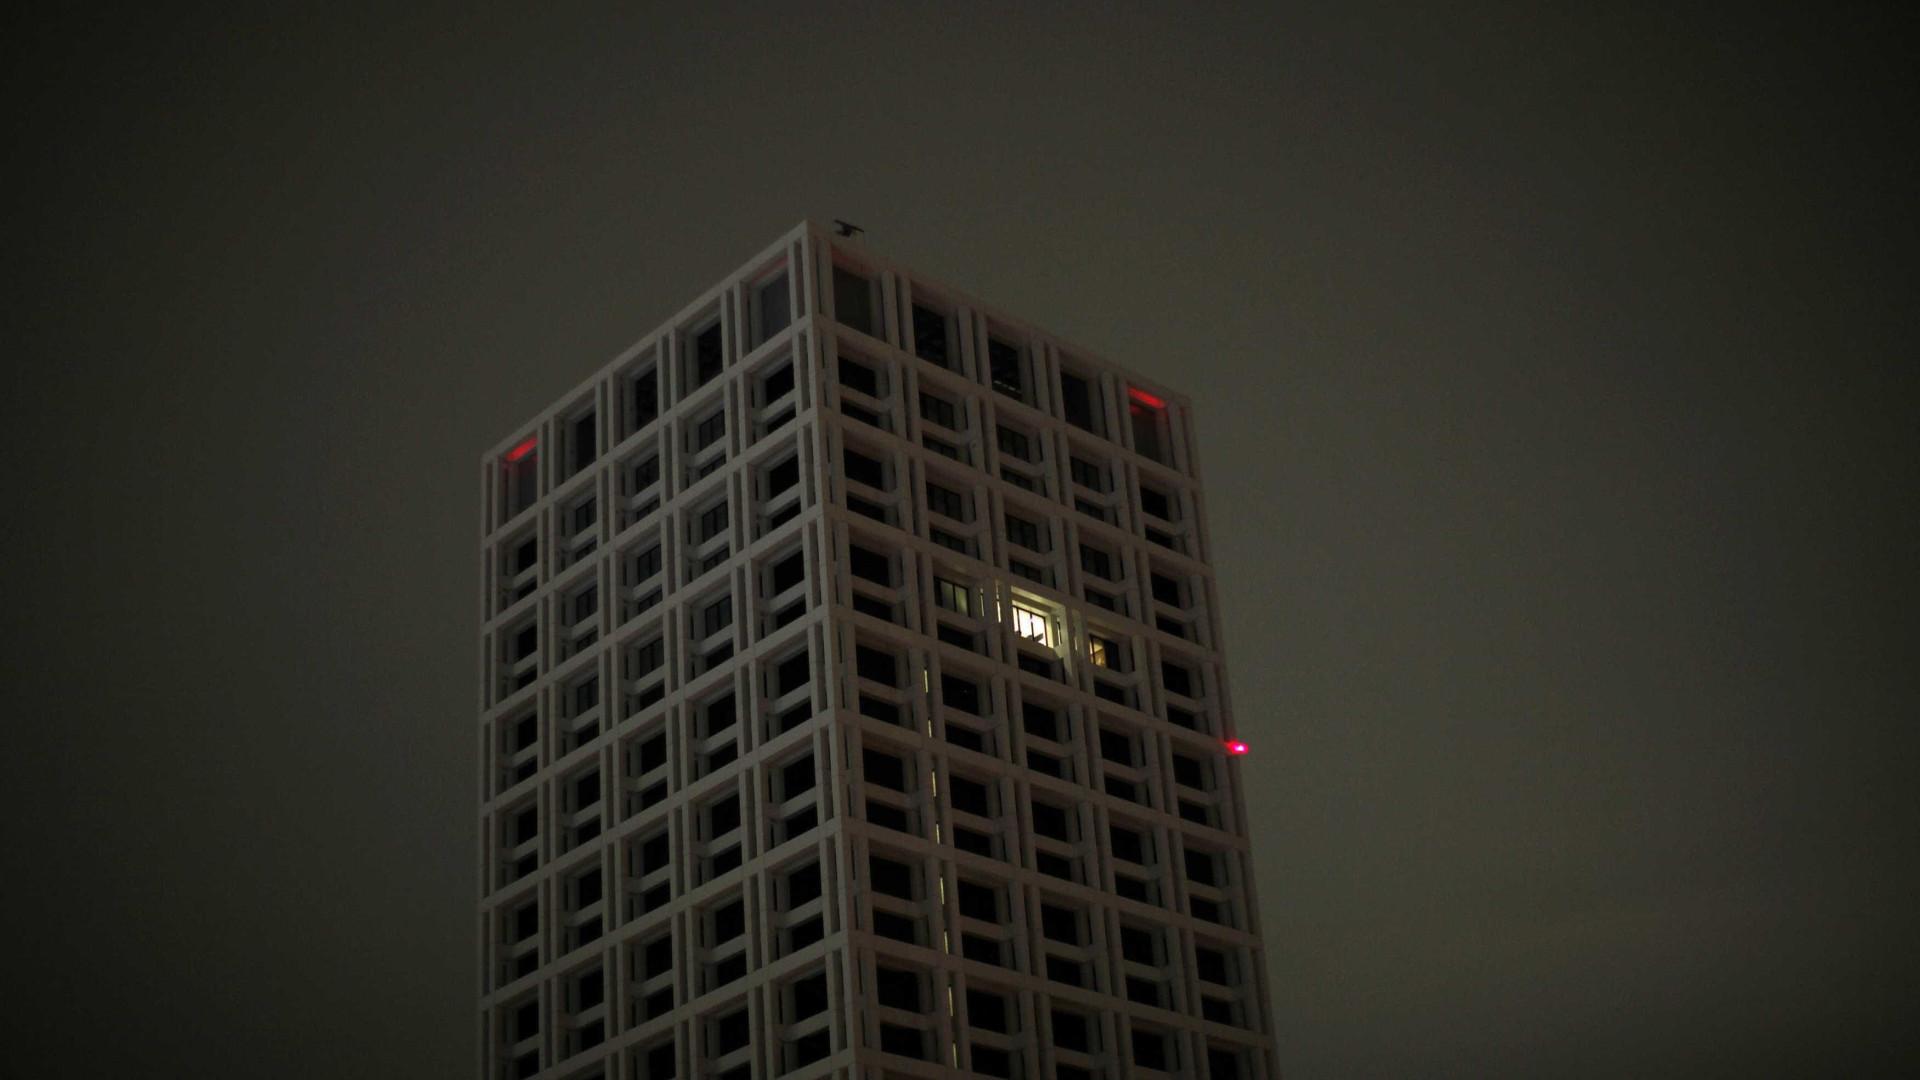 Número de edifícios licenciados interrompe queda dos últimos anos